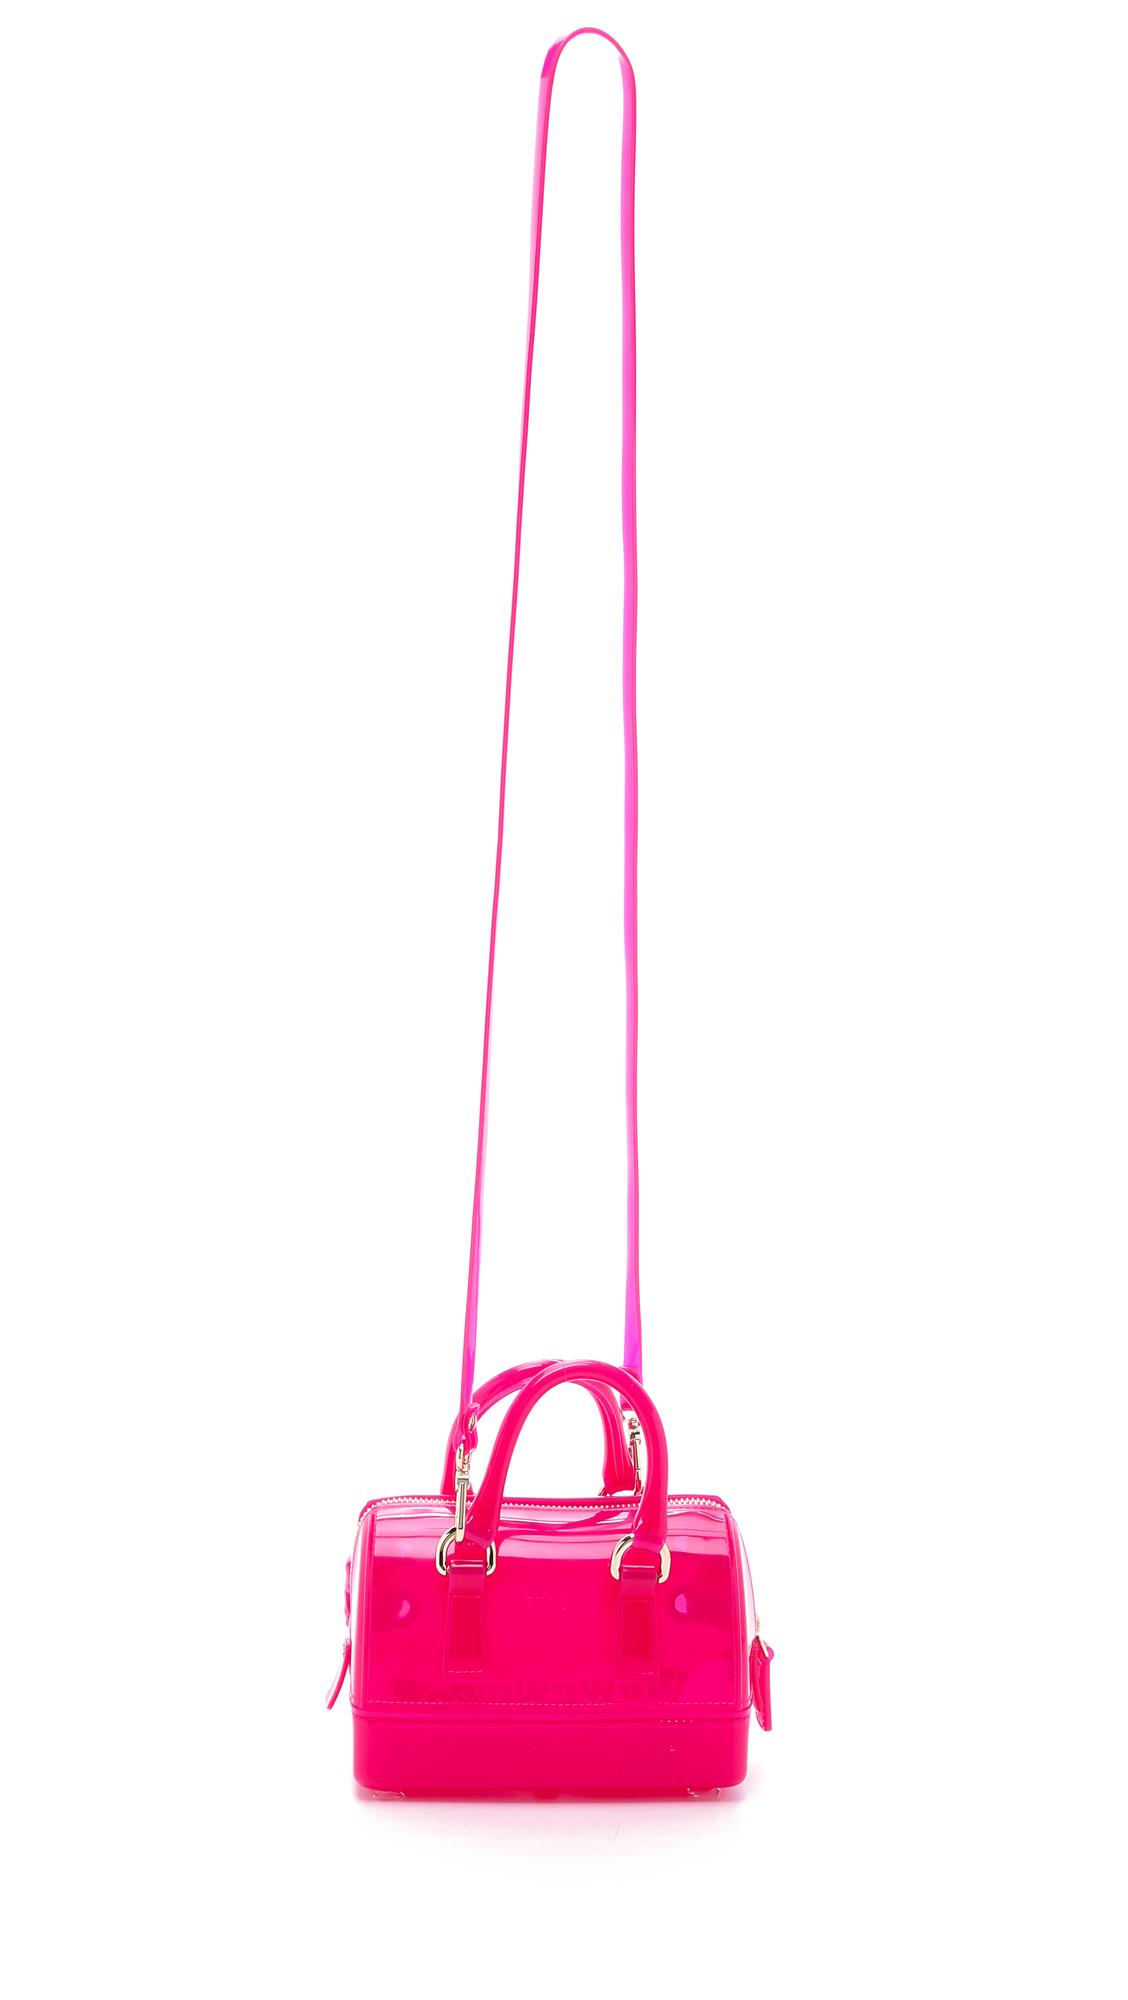 Lyst - Furla Candy Sweetie Mini Cross Body Bag